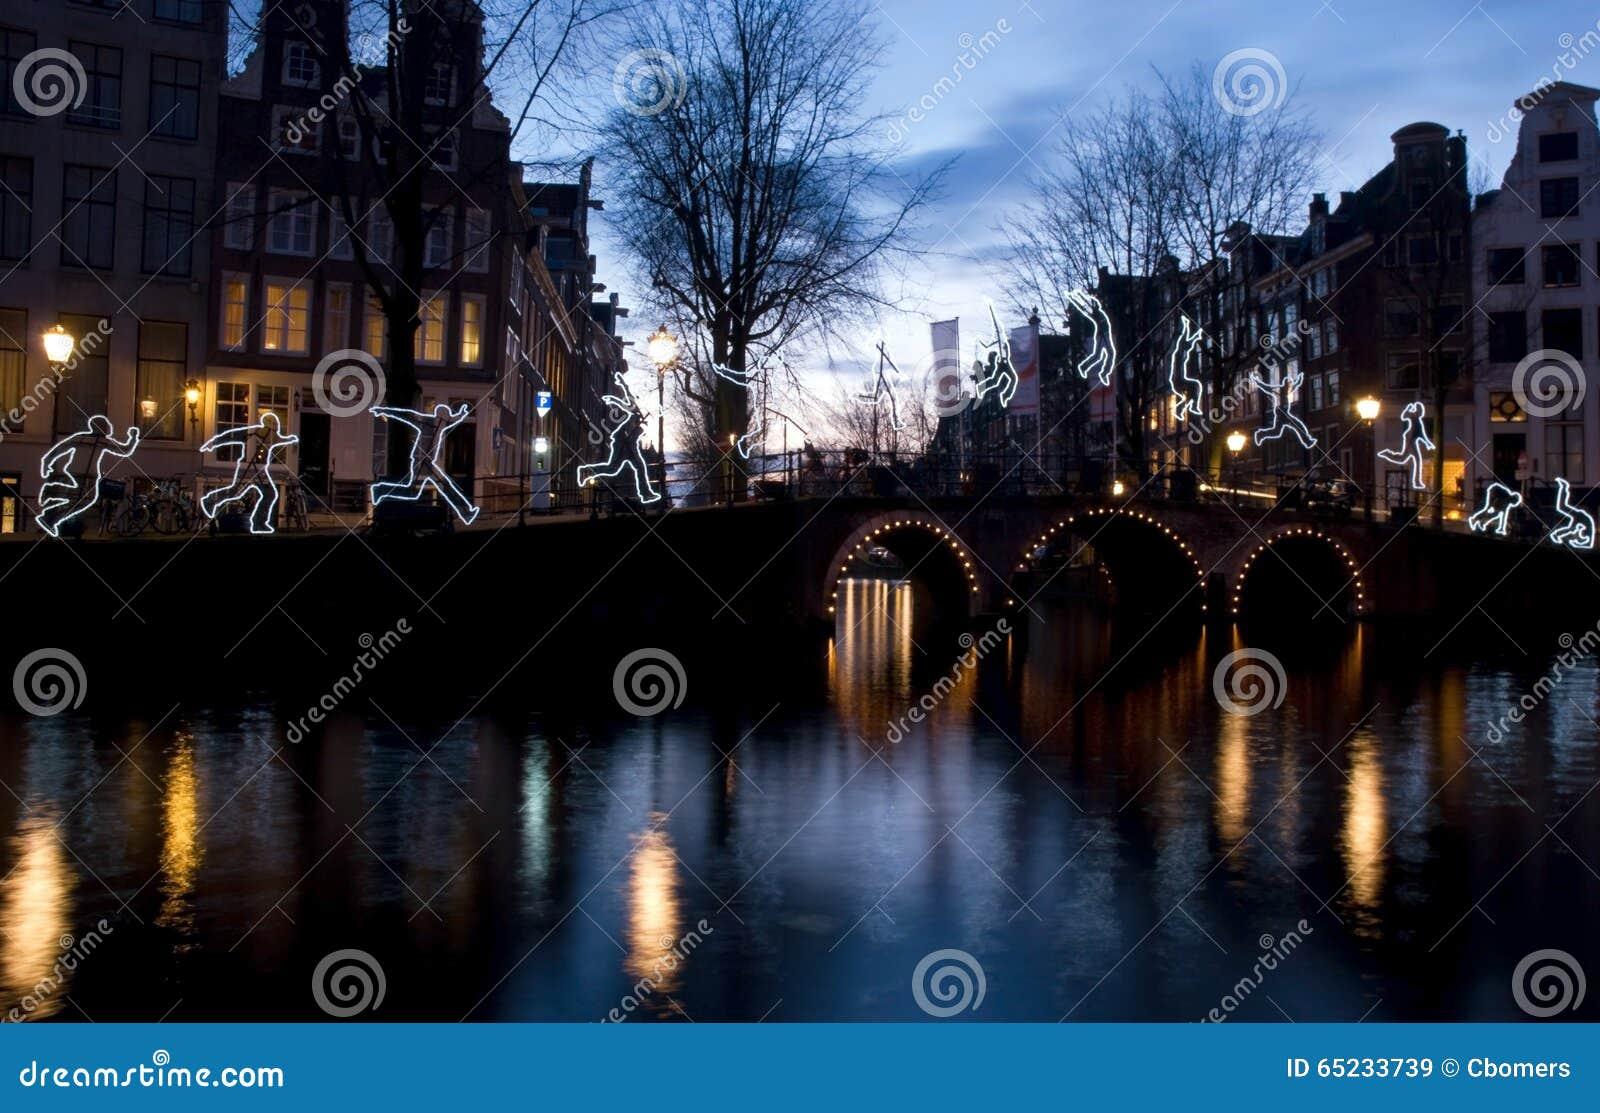 Licht Tour Amsterdam : Amsterdam licht festival redaktionelles stockbild bild von